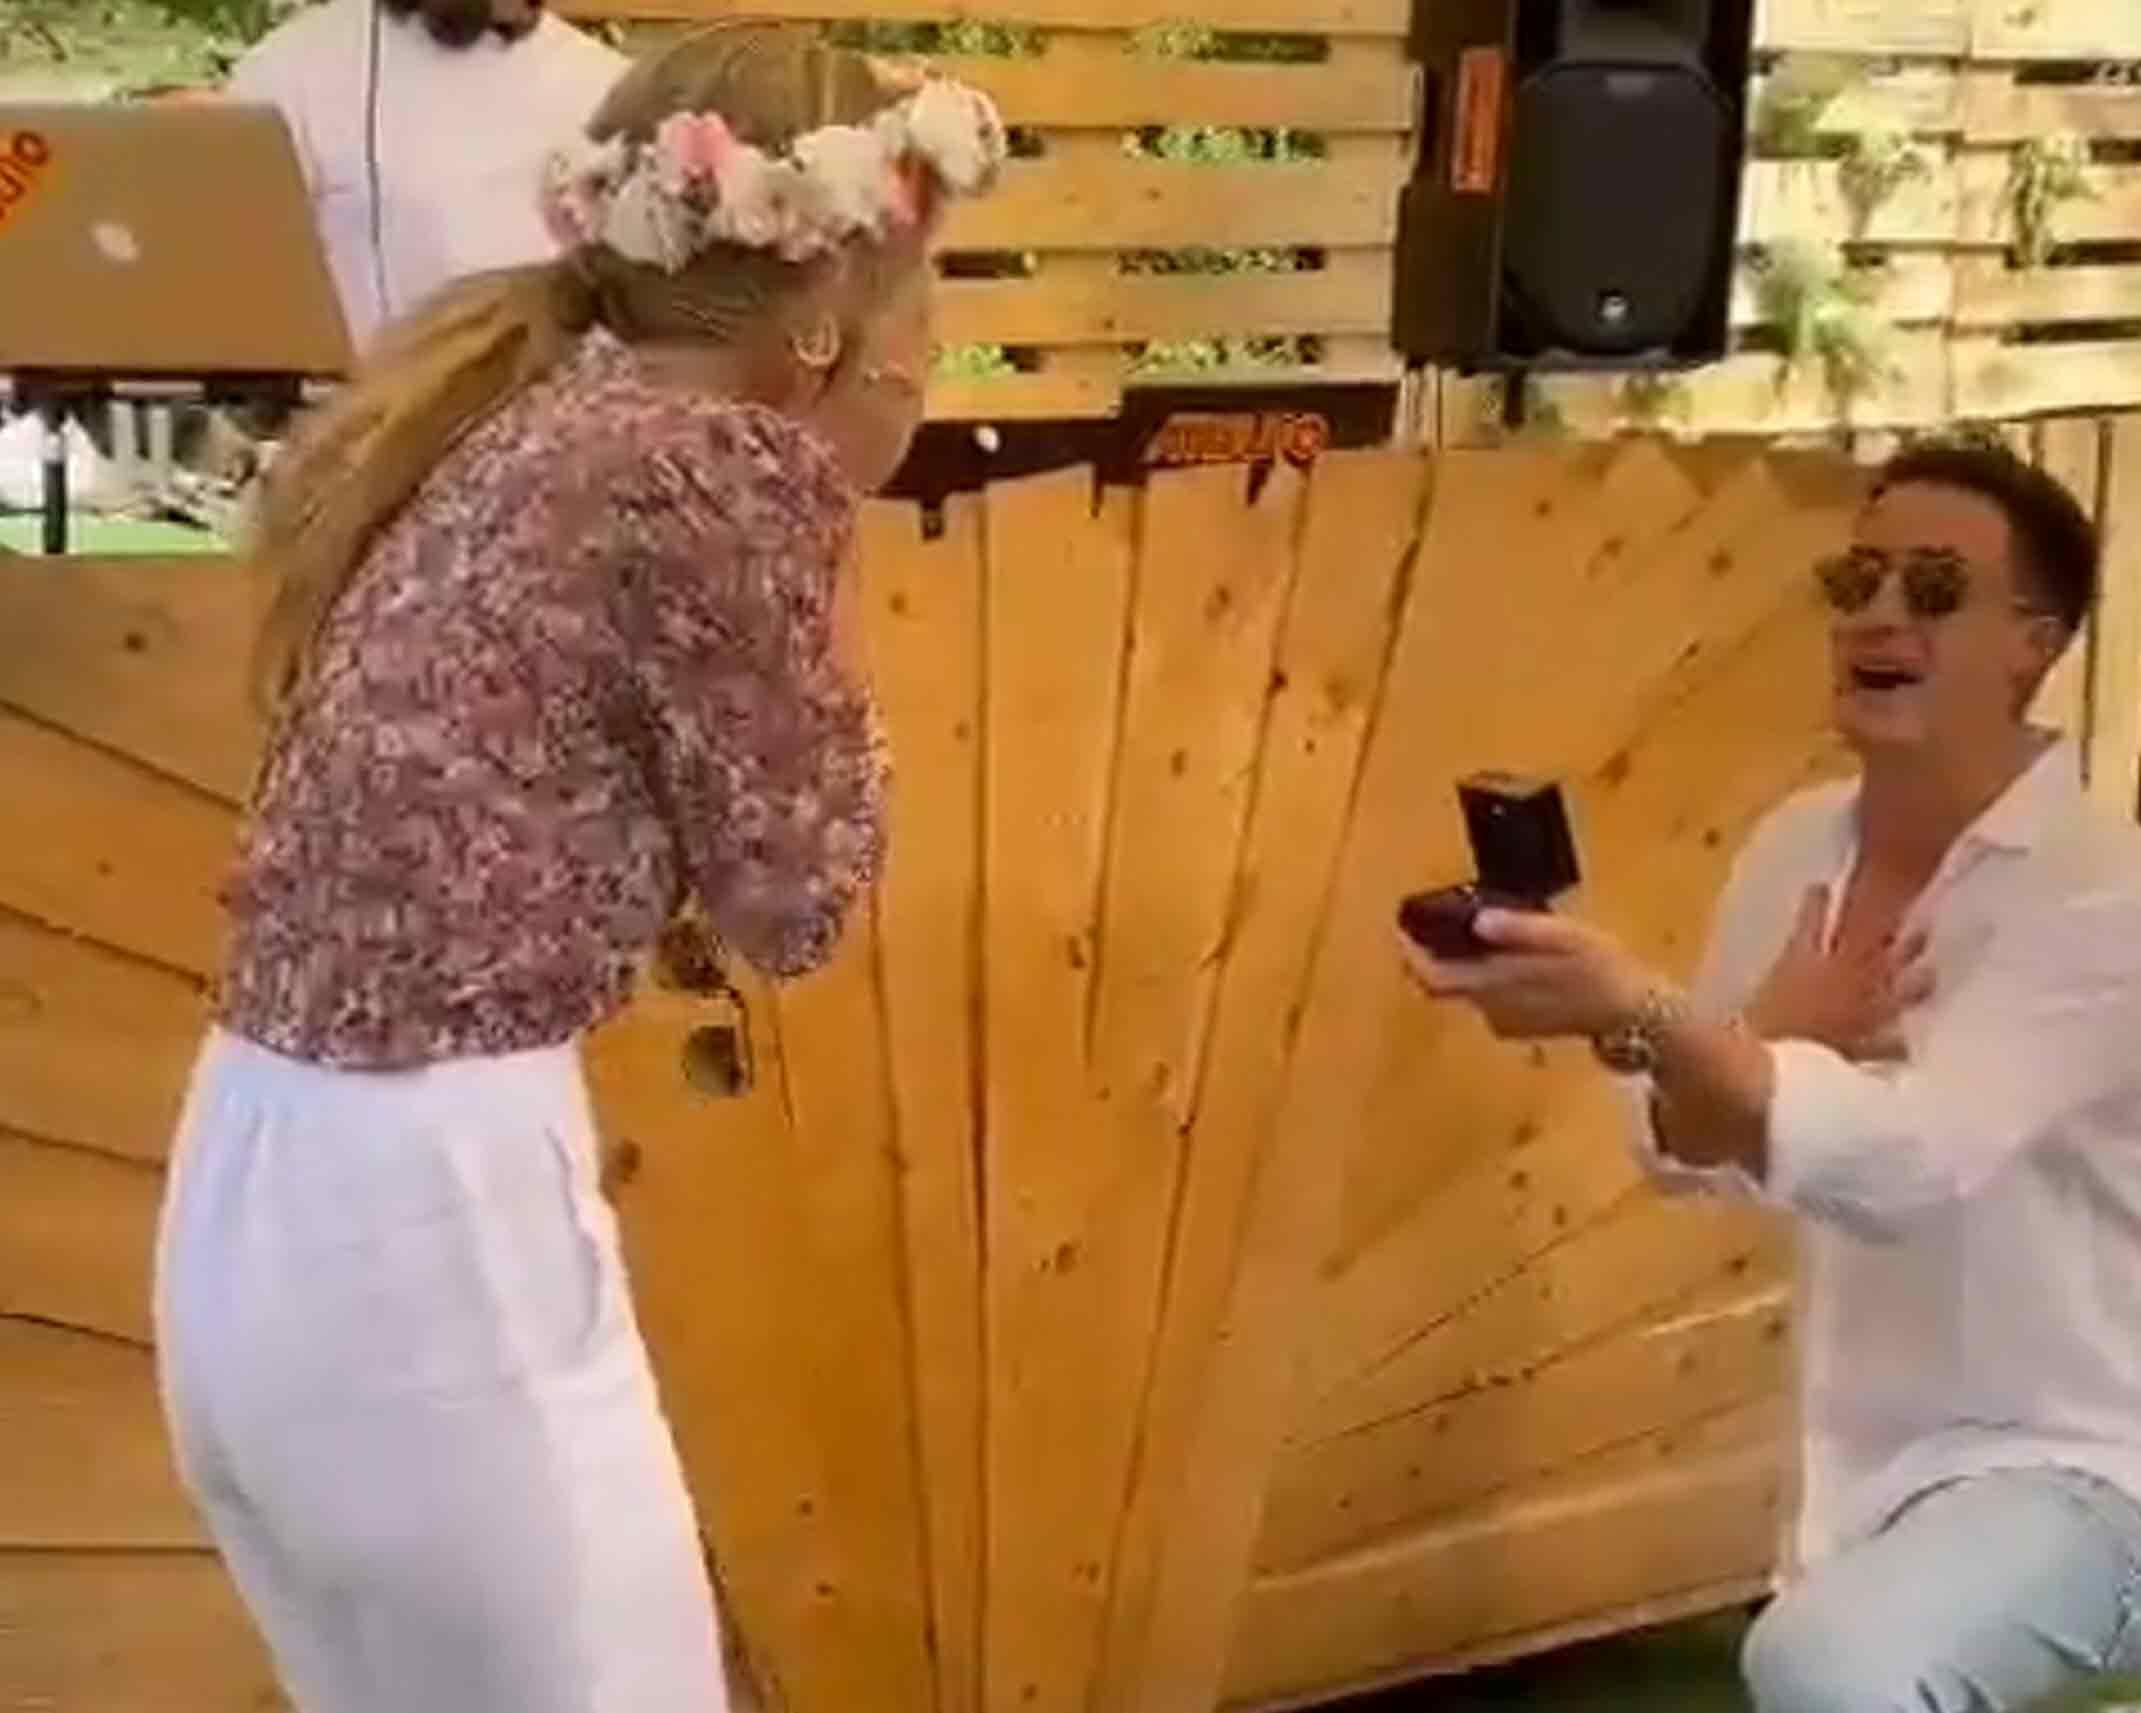 דנית גרינברג חושפת מה היא מרגישה באמת רגע אחרי הצעת הנישואין!